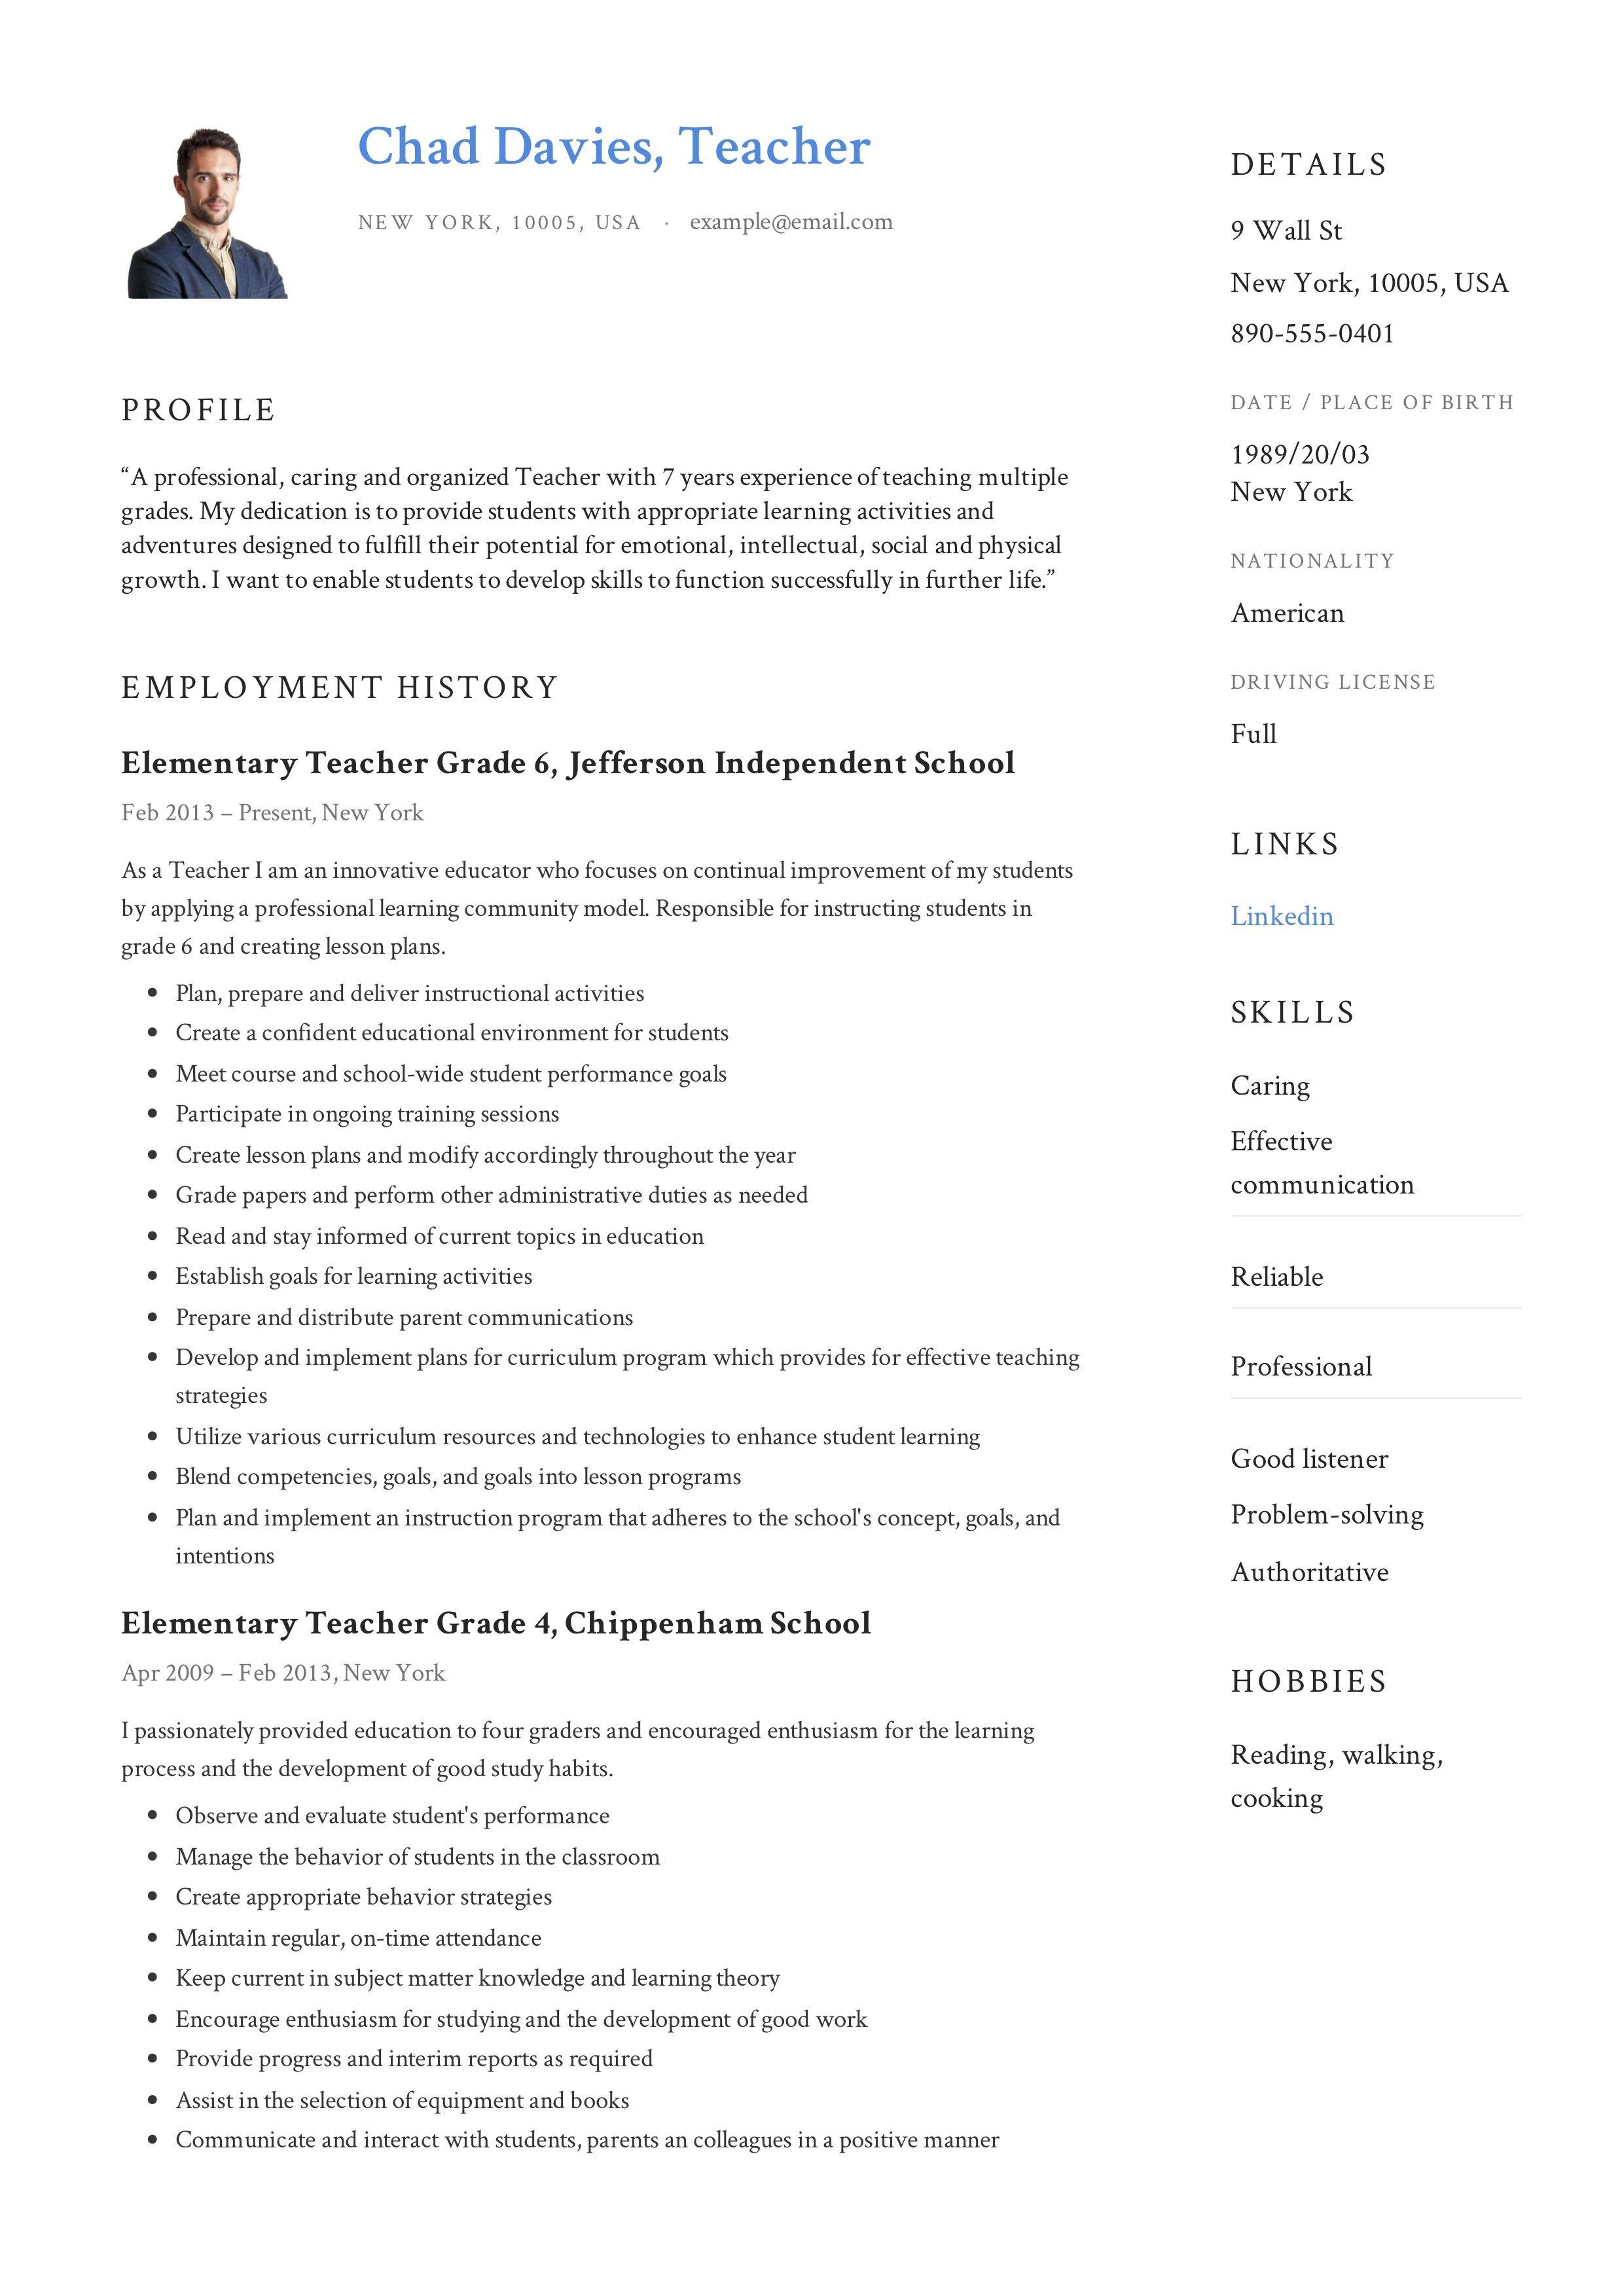 Teacher Resume & Writing Guide in 2020 Teacher resume